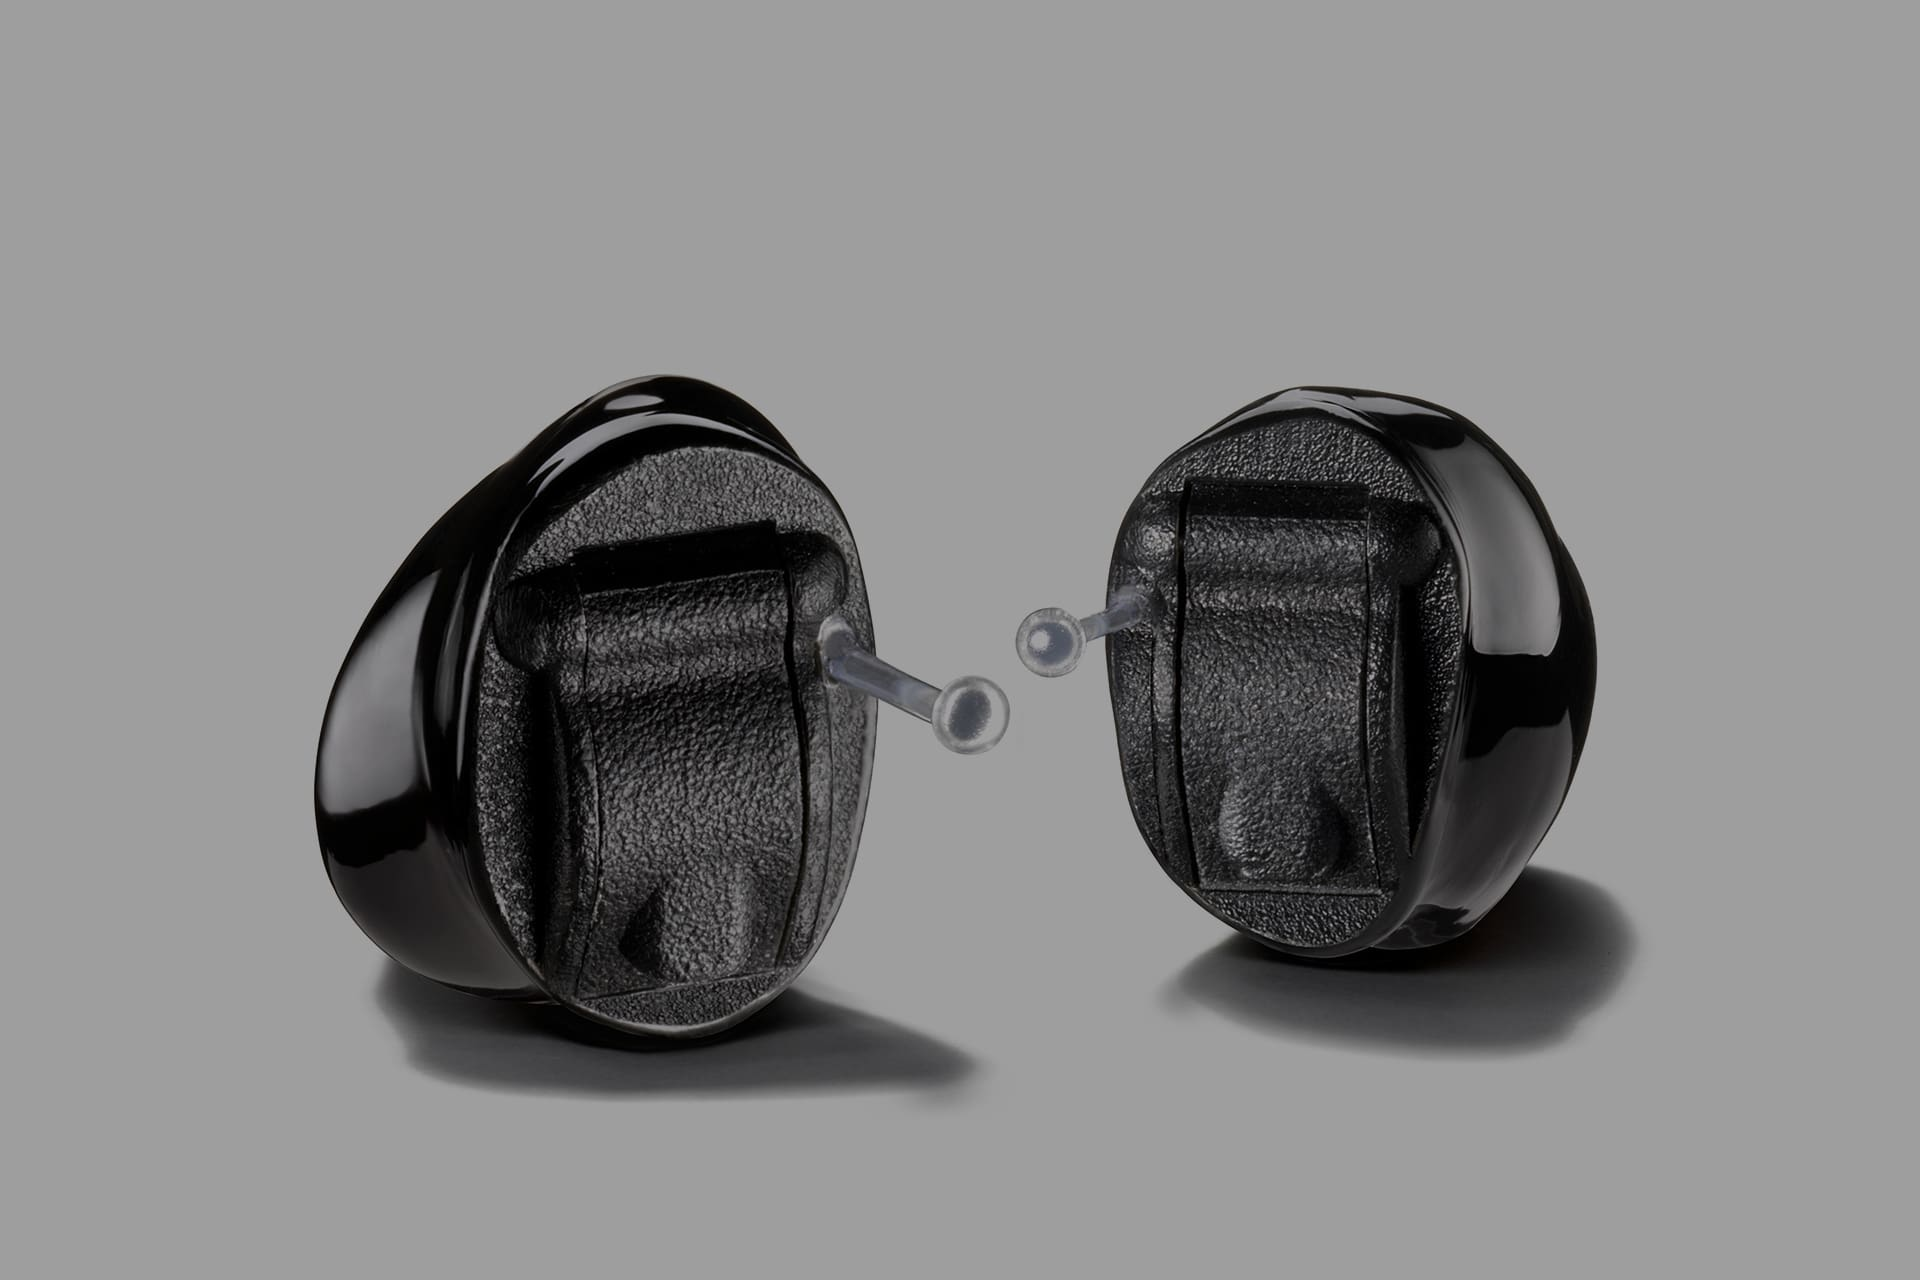 Slušni aparati